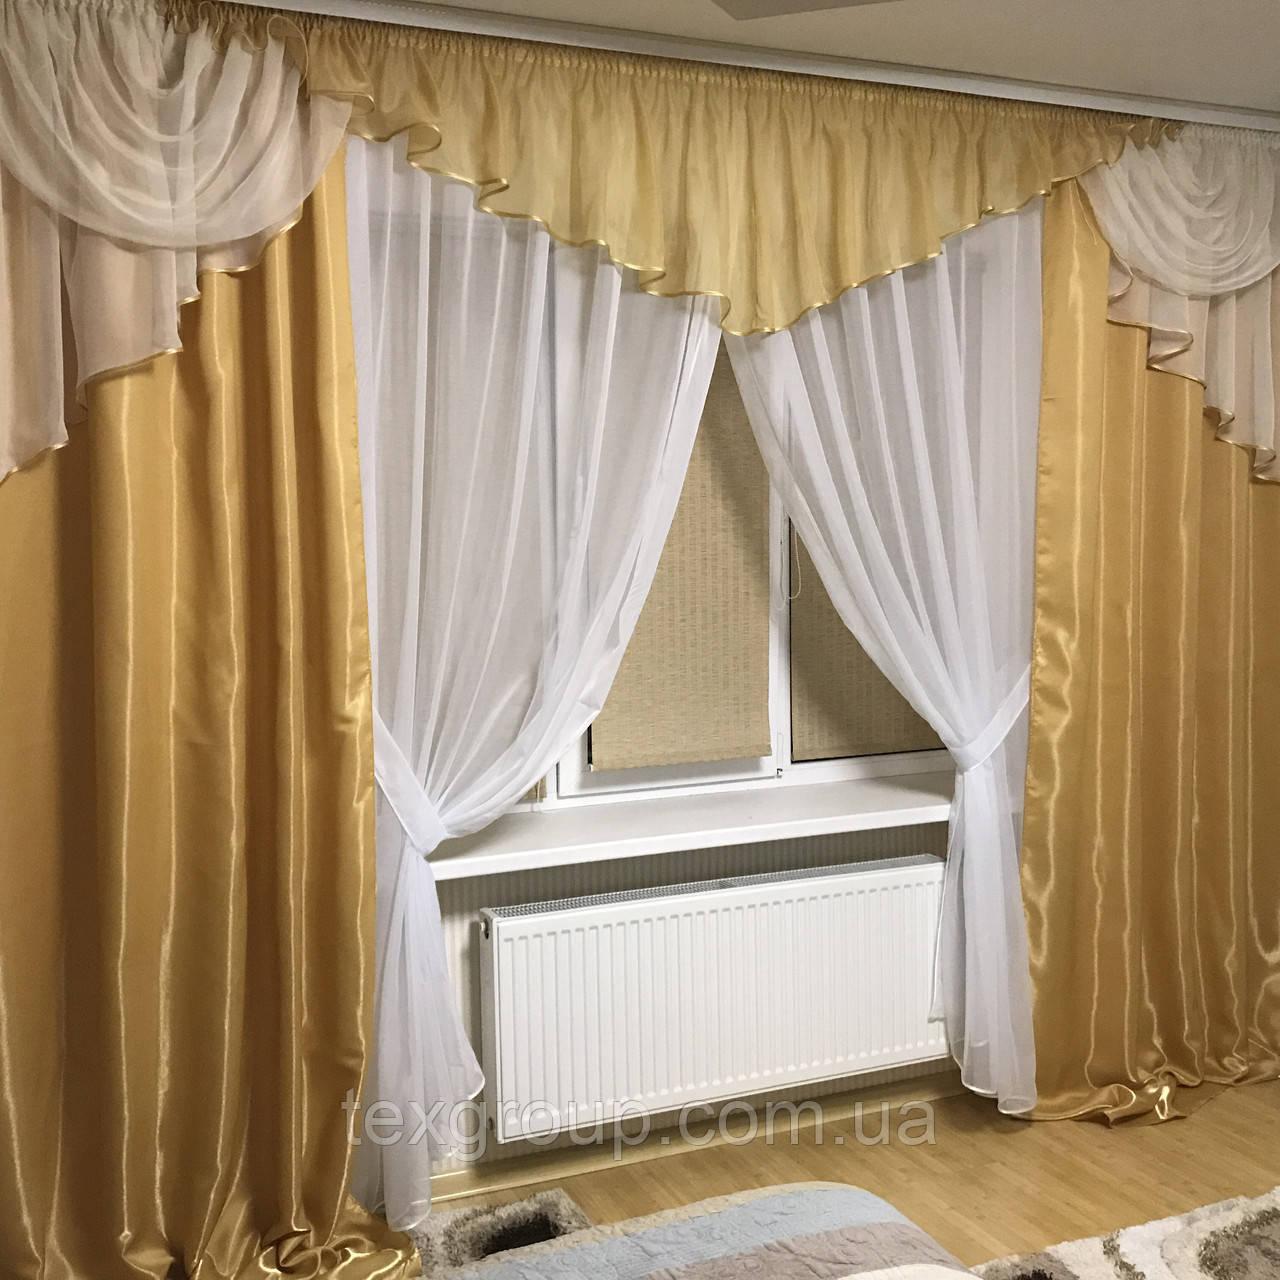 Готовый комплект на окно шторы+тюль+ламбрекен №305 золотой